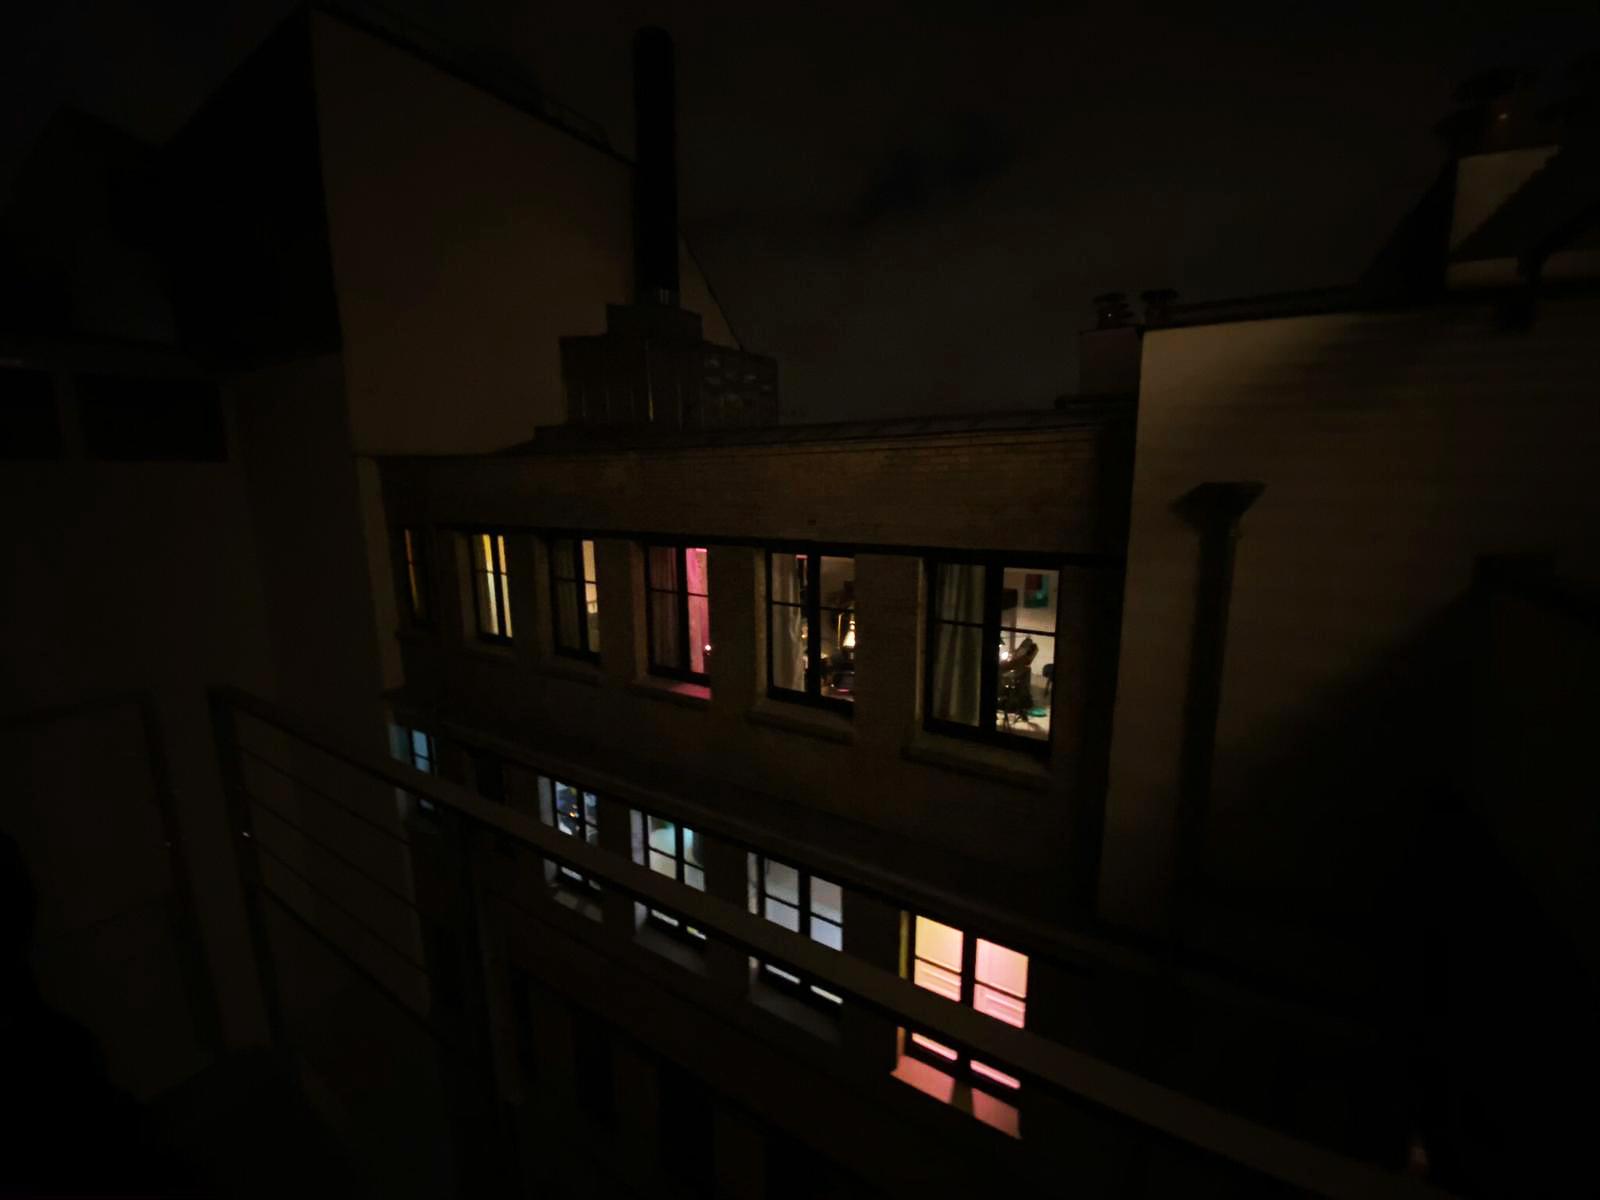 Caché dans l'hôtel Costes, un studio secret perpétue l'héritage des célèbres compilations